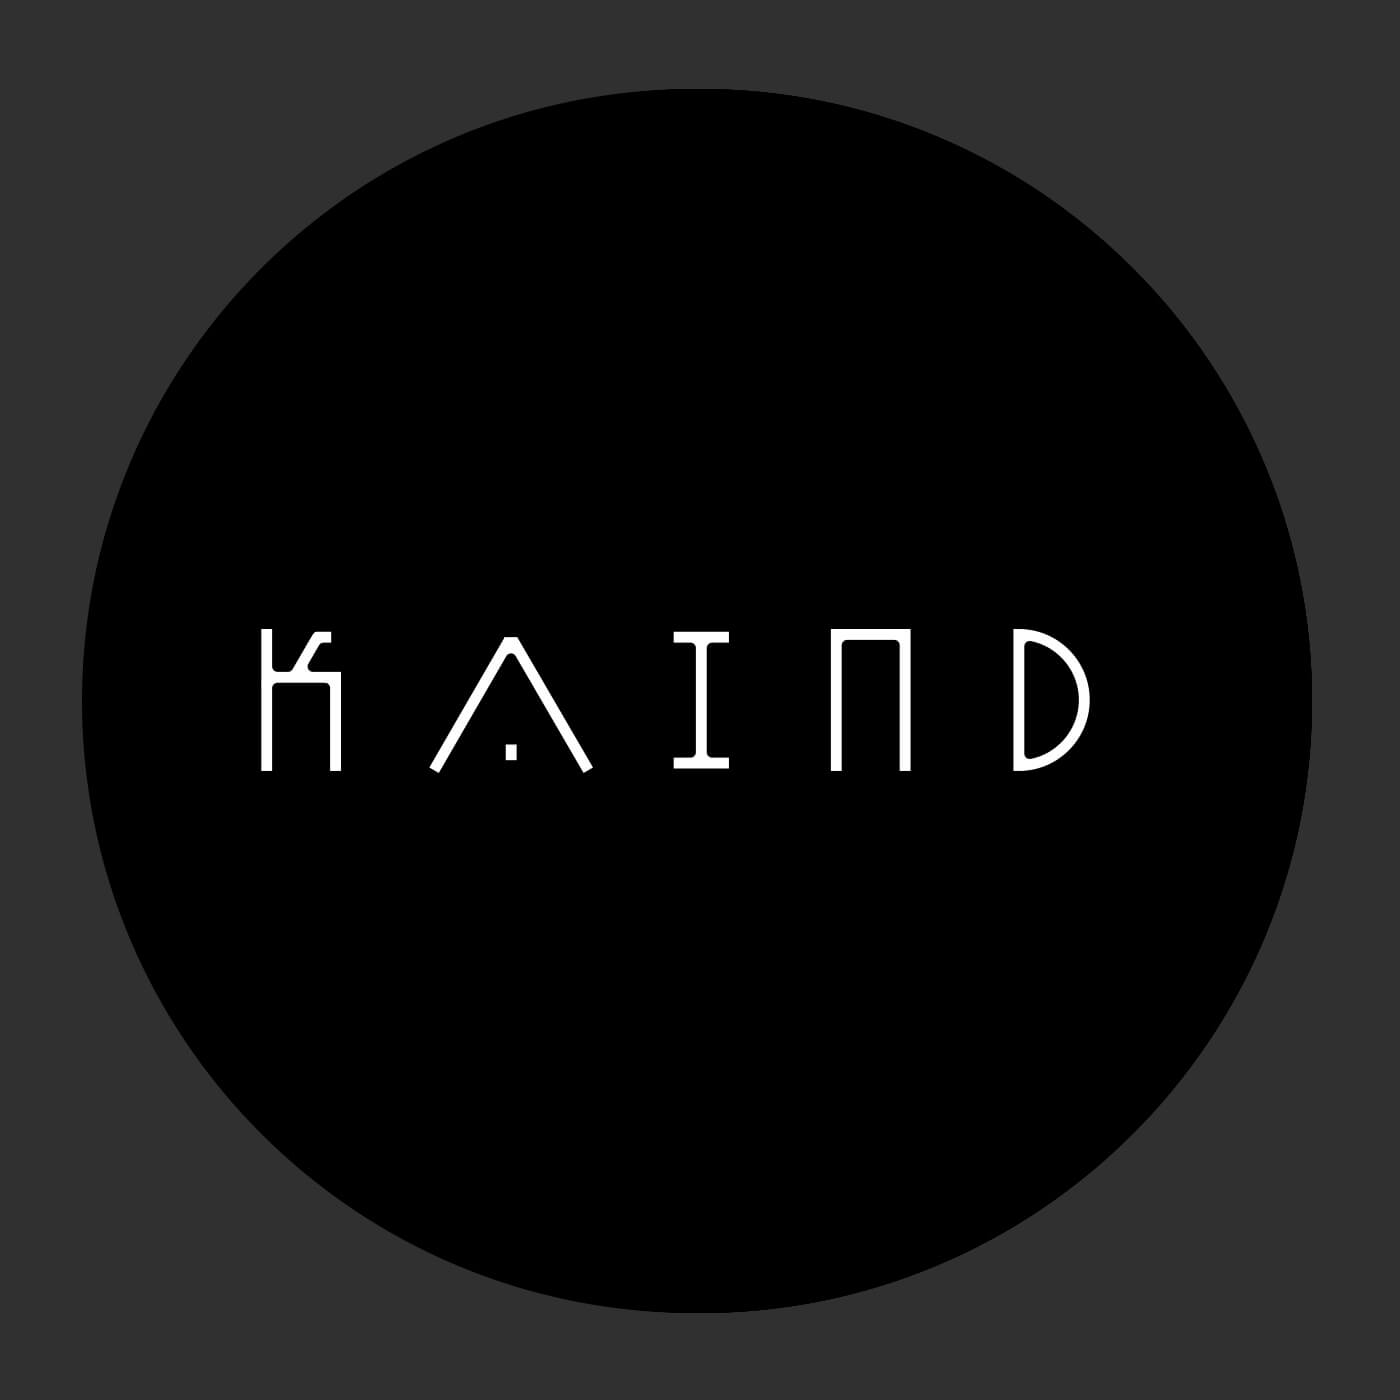 kaind_schwarz